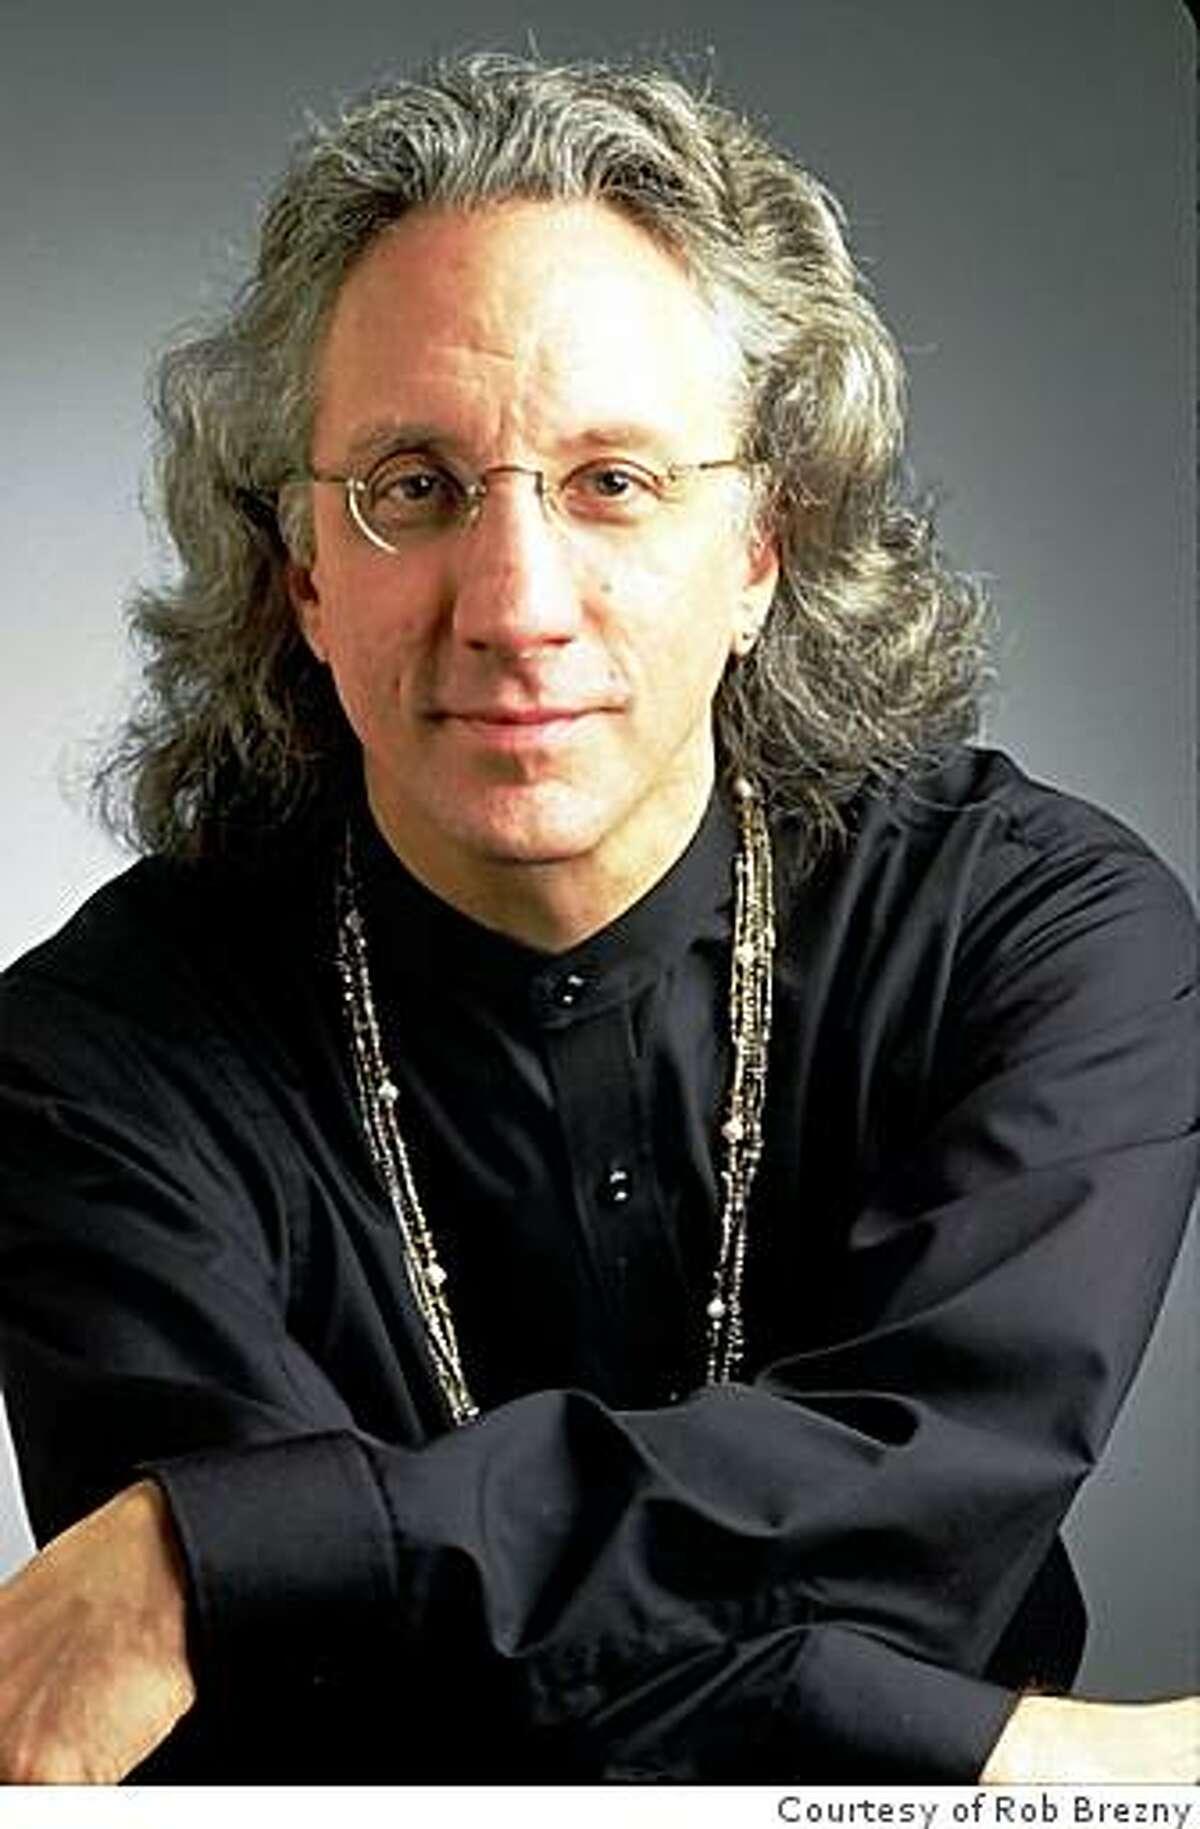 Rob Brezny